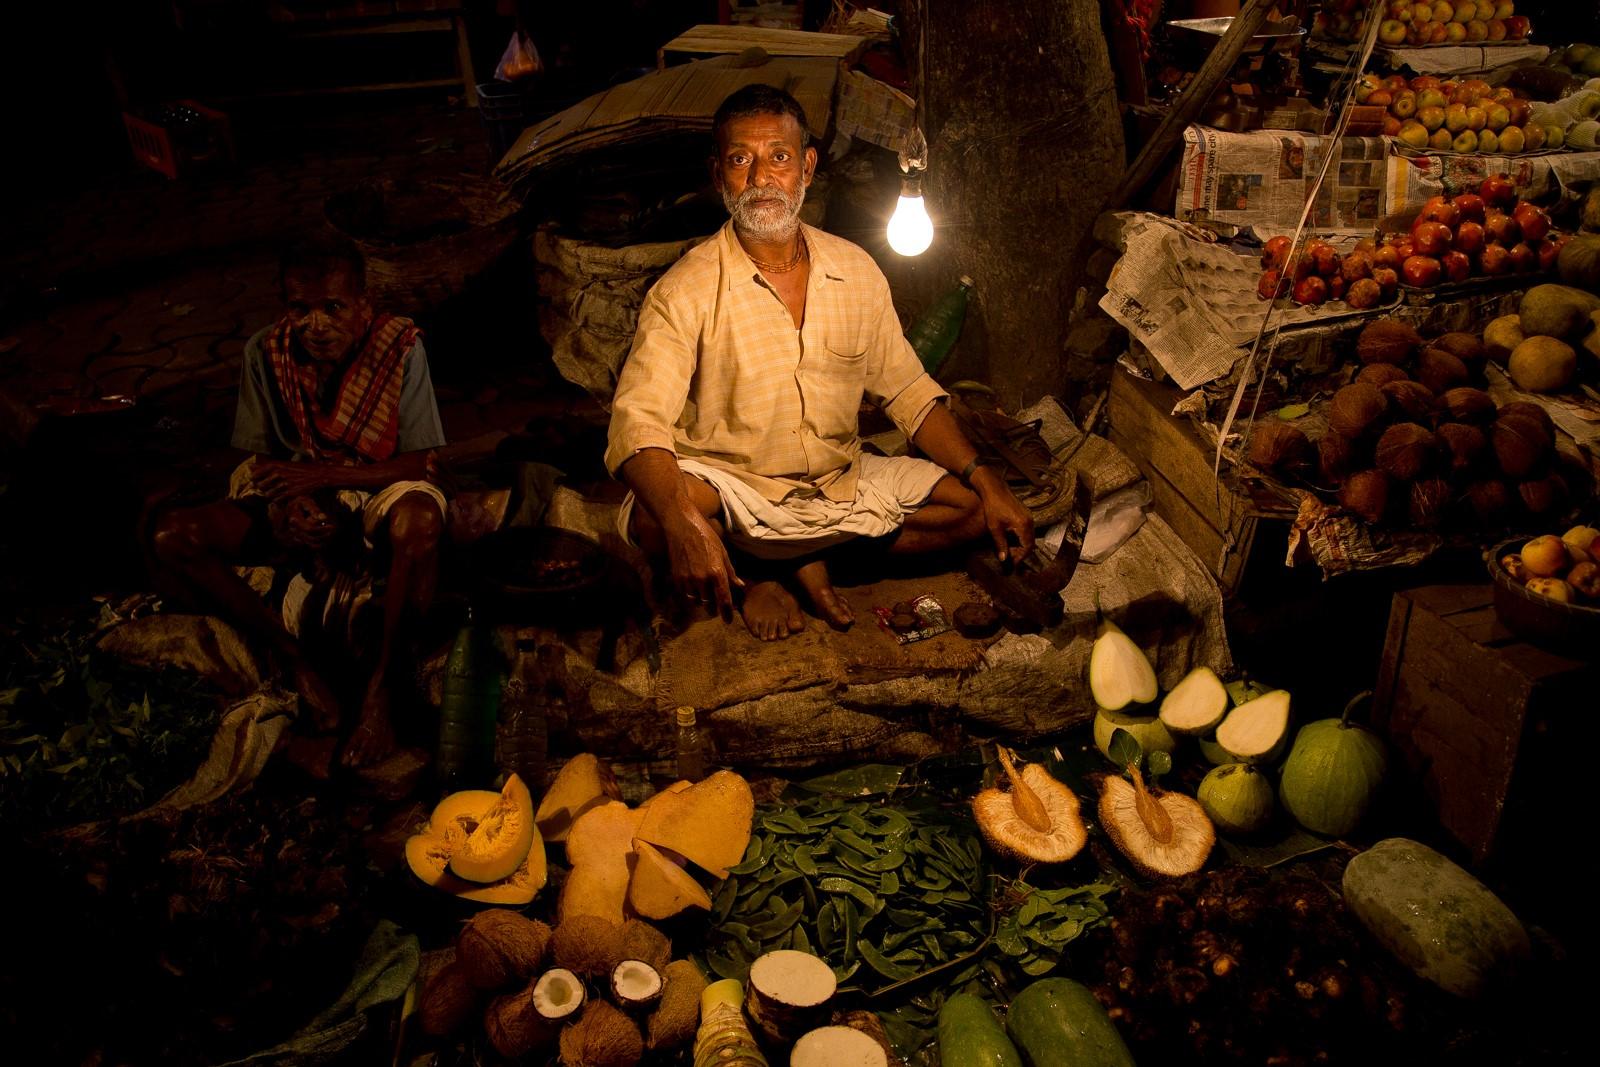 Fotografare le persone – Soggetti, luce, composizione